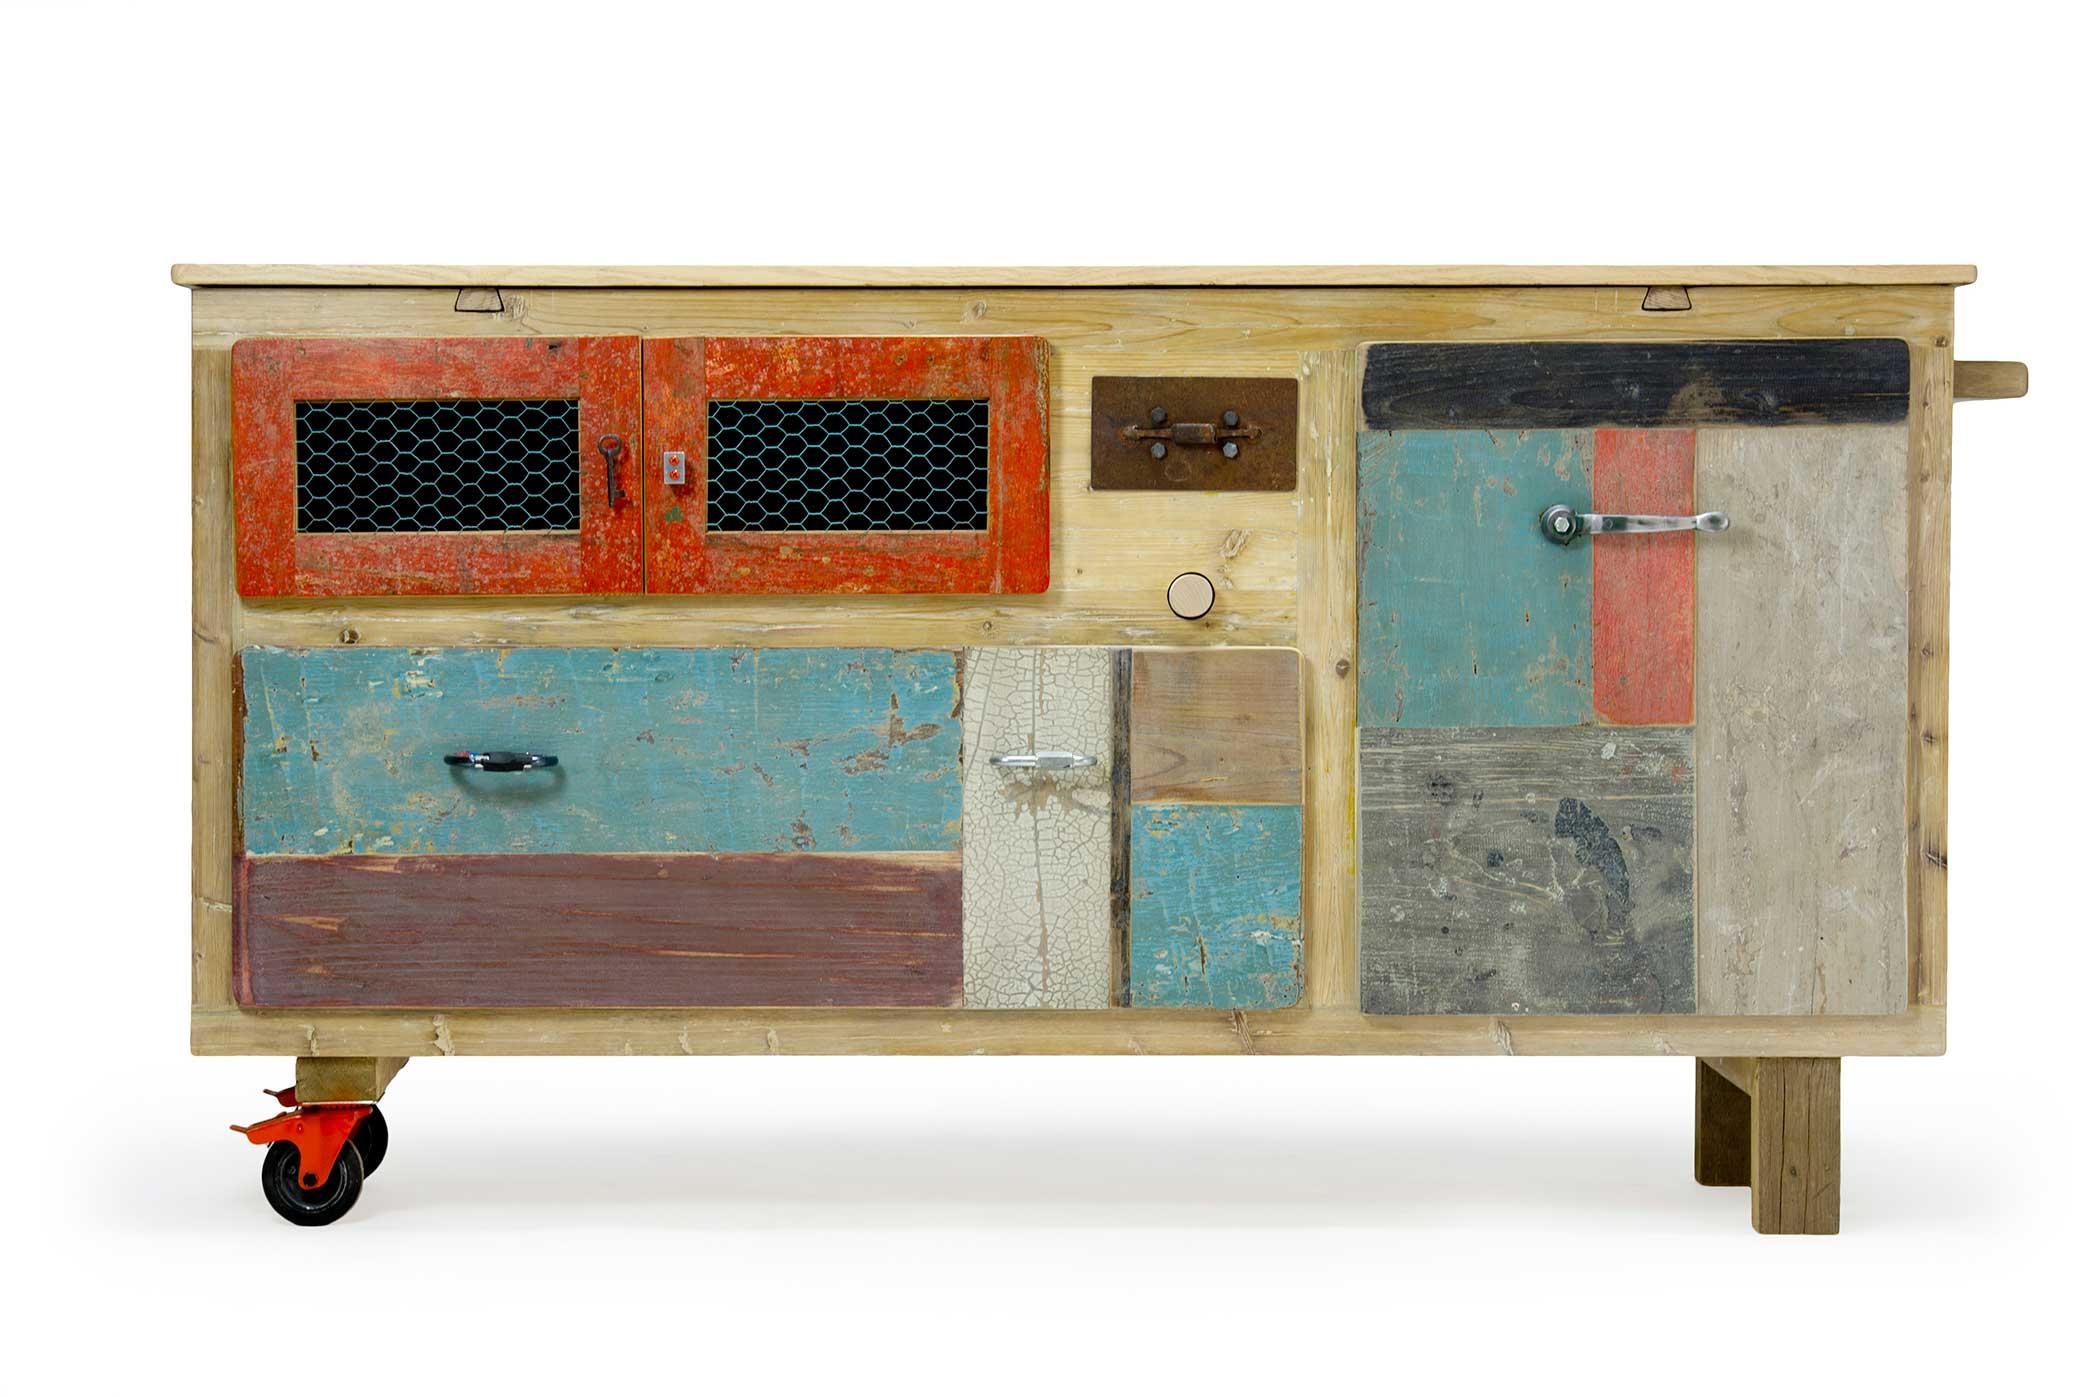 Credenza con piano allungabile. Struttura in legno ricoperta di resina idrorepellente. Il piano allungabile e i cassetti in legno vintage rigenerato.